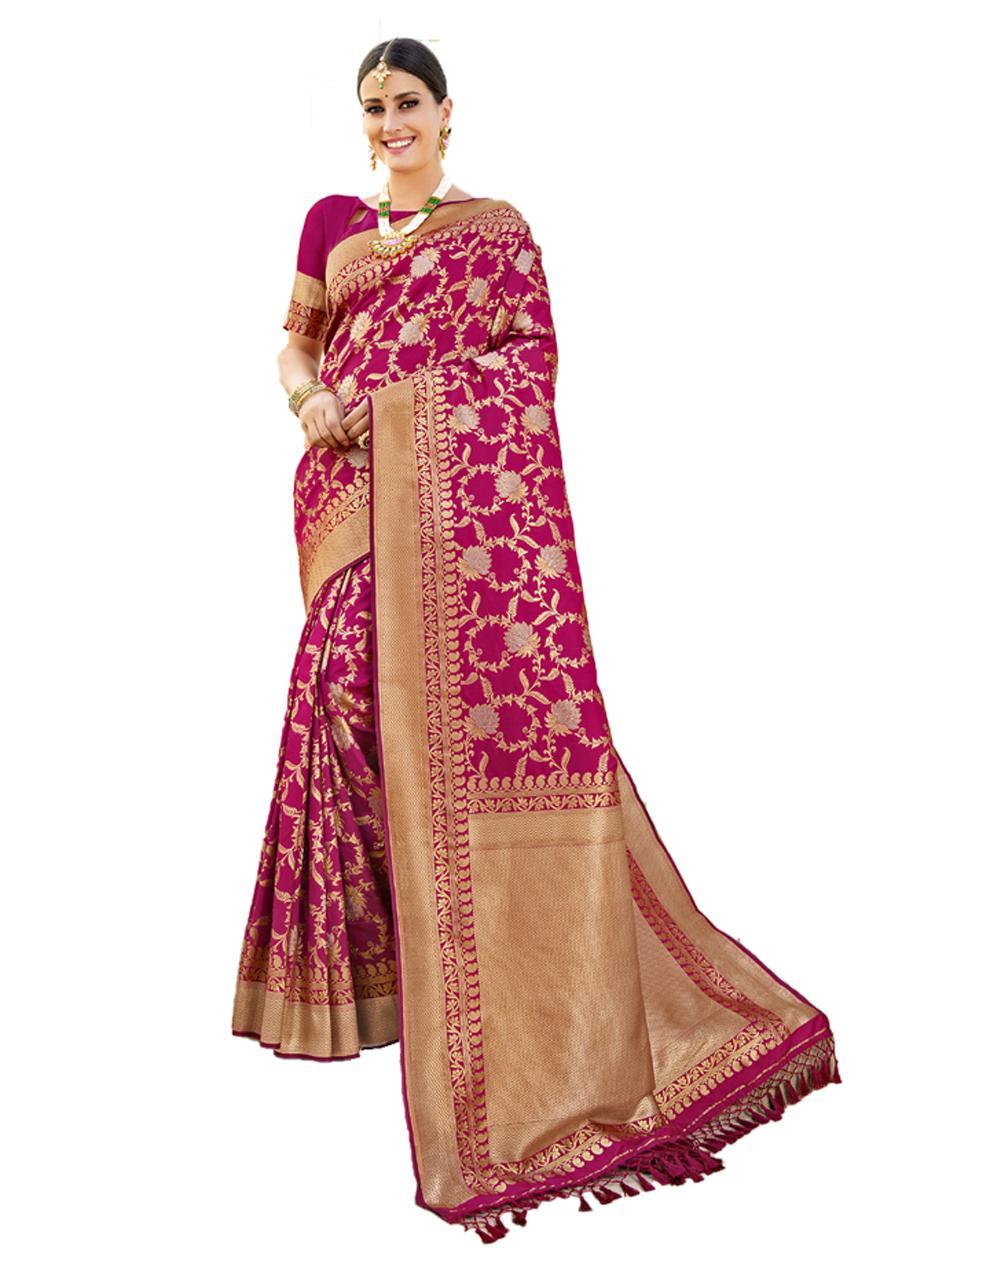 Rani pink Banarasi Silk Saree With Blouse SD24209